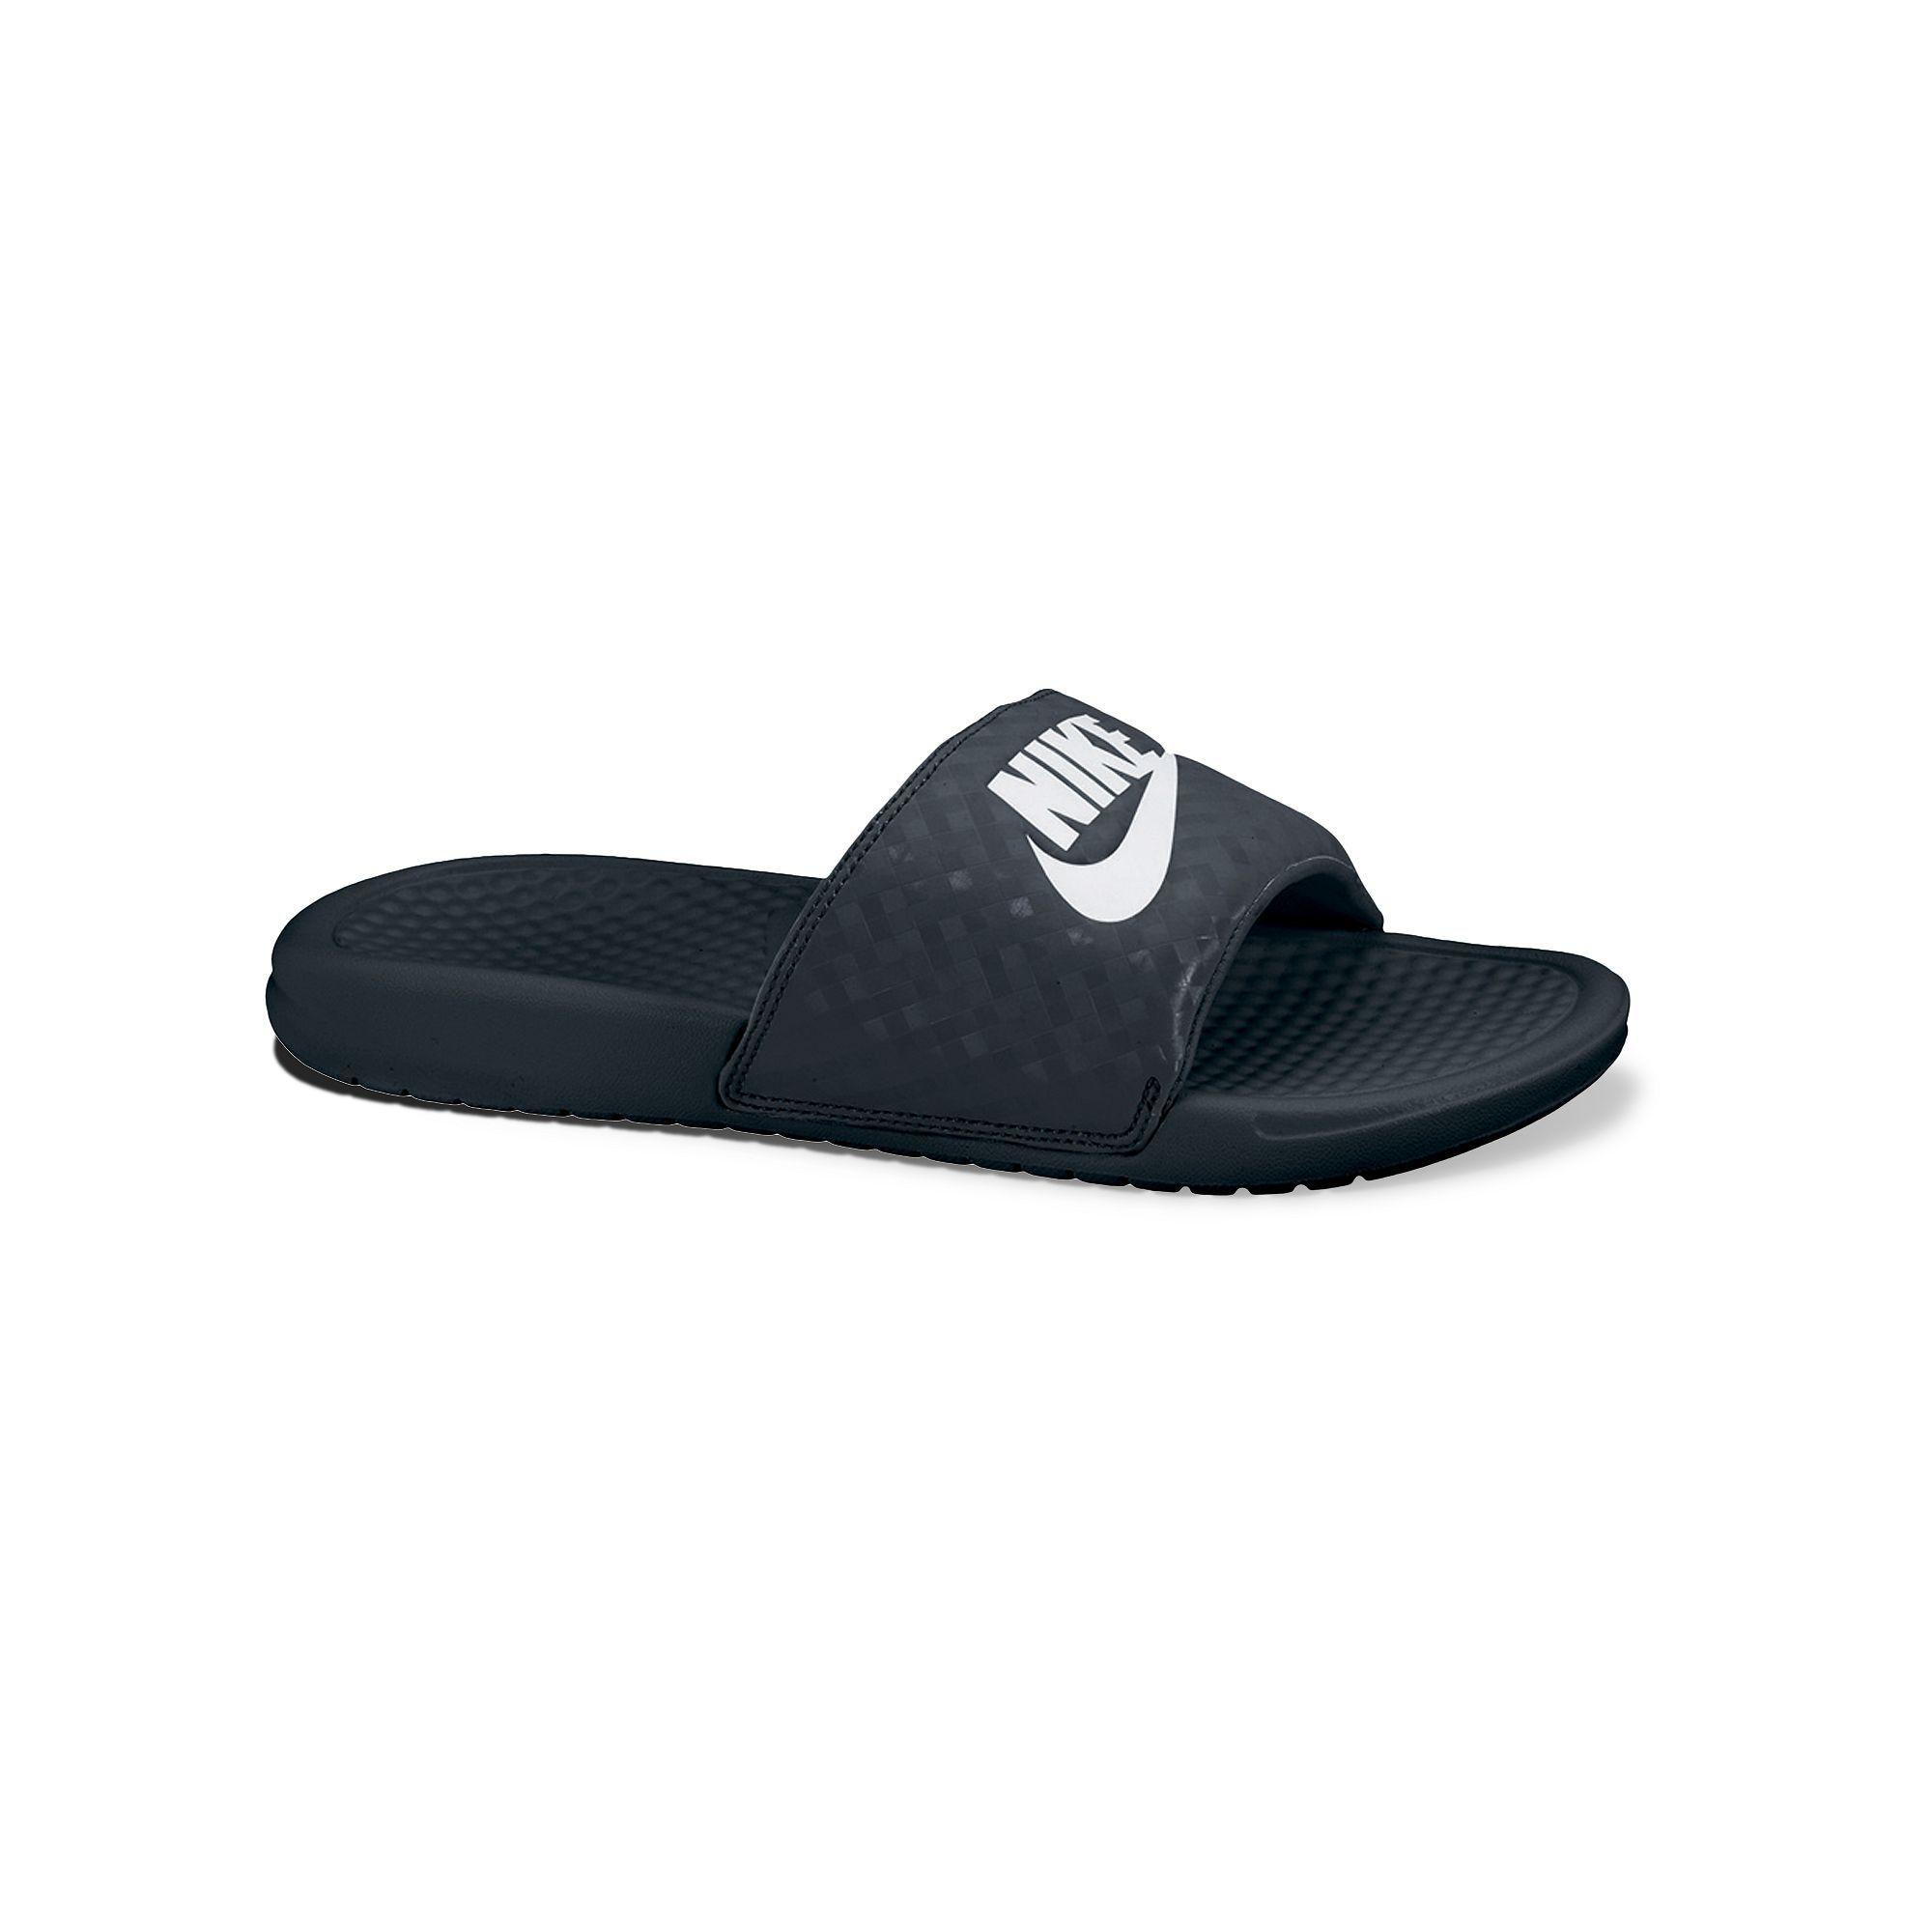 cd2afbea1de2 Nike Benassi Women s Slide Sandals in 2019